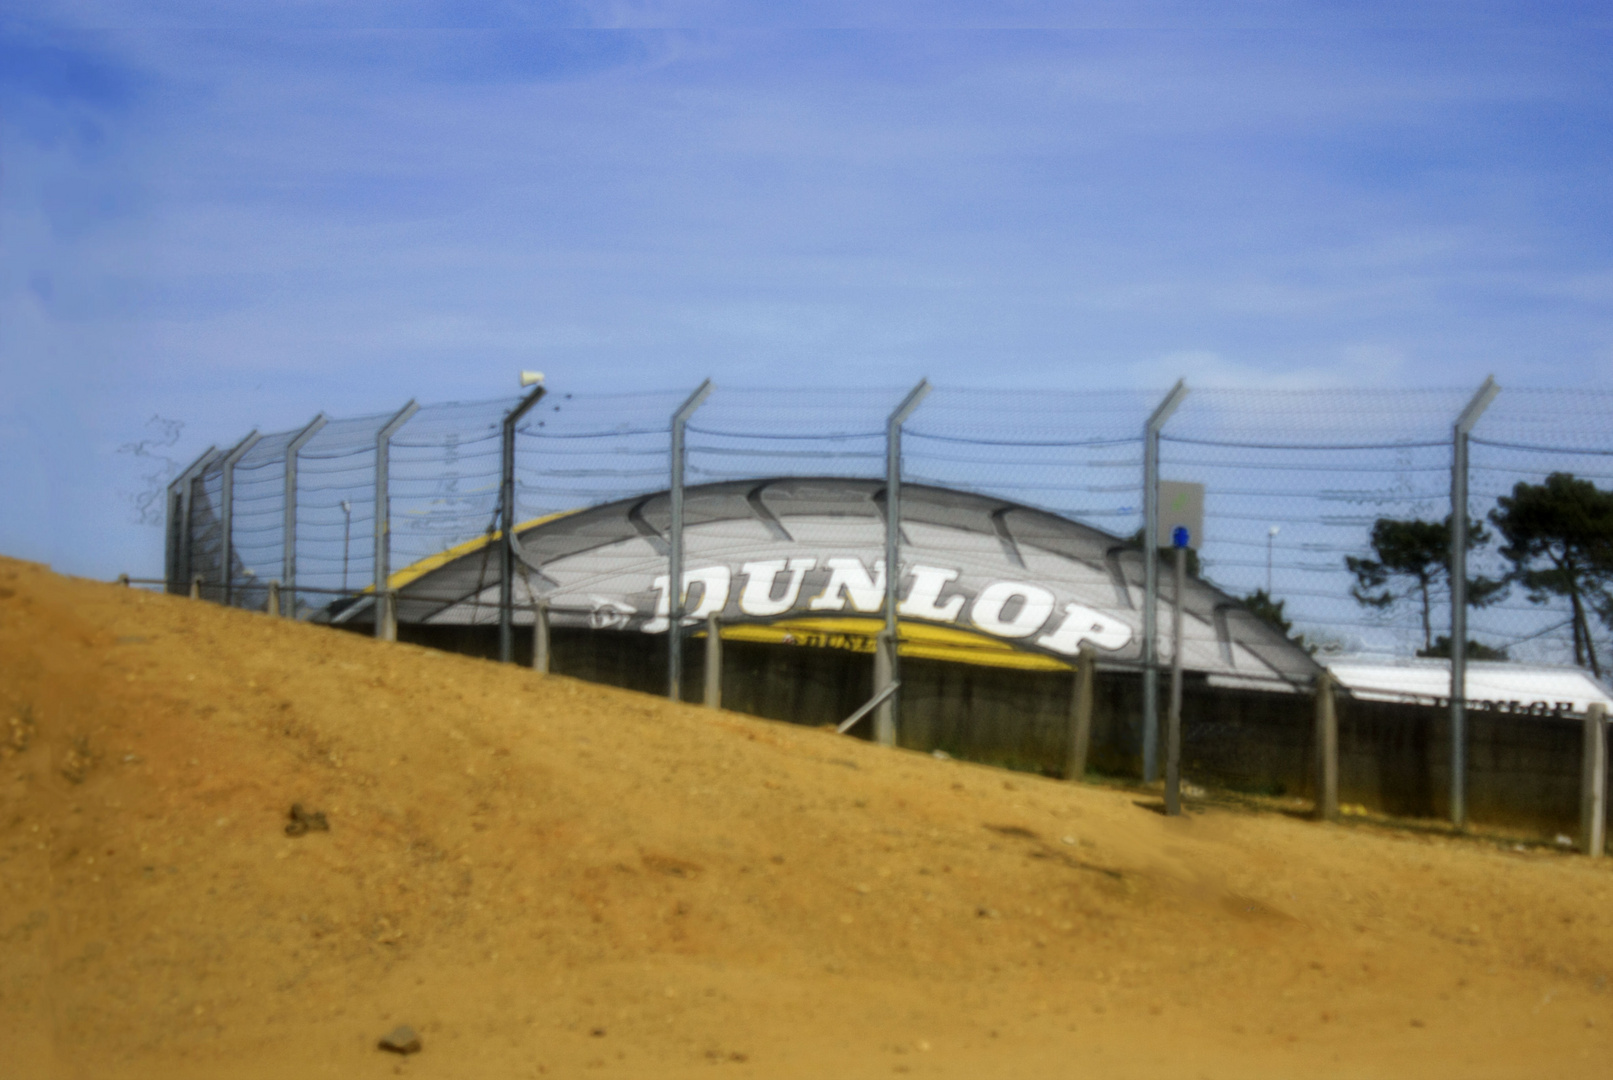 La courbe Dunlop